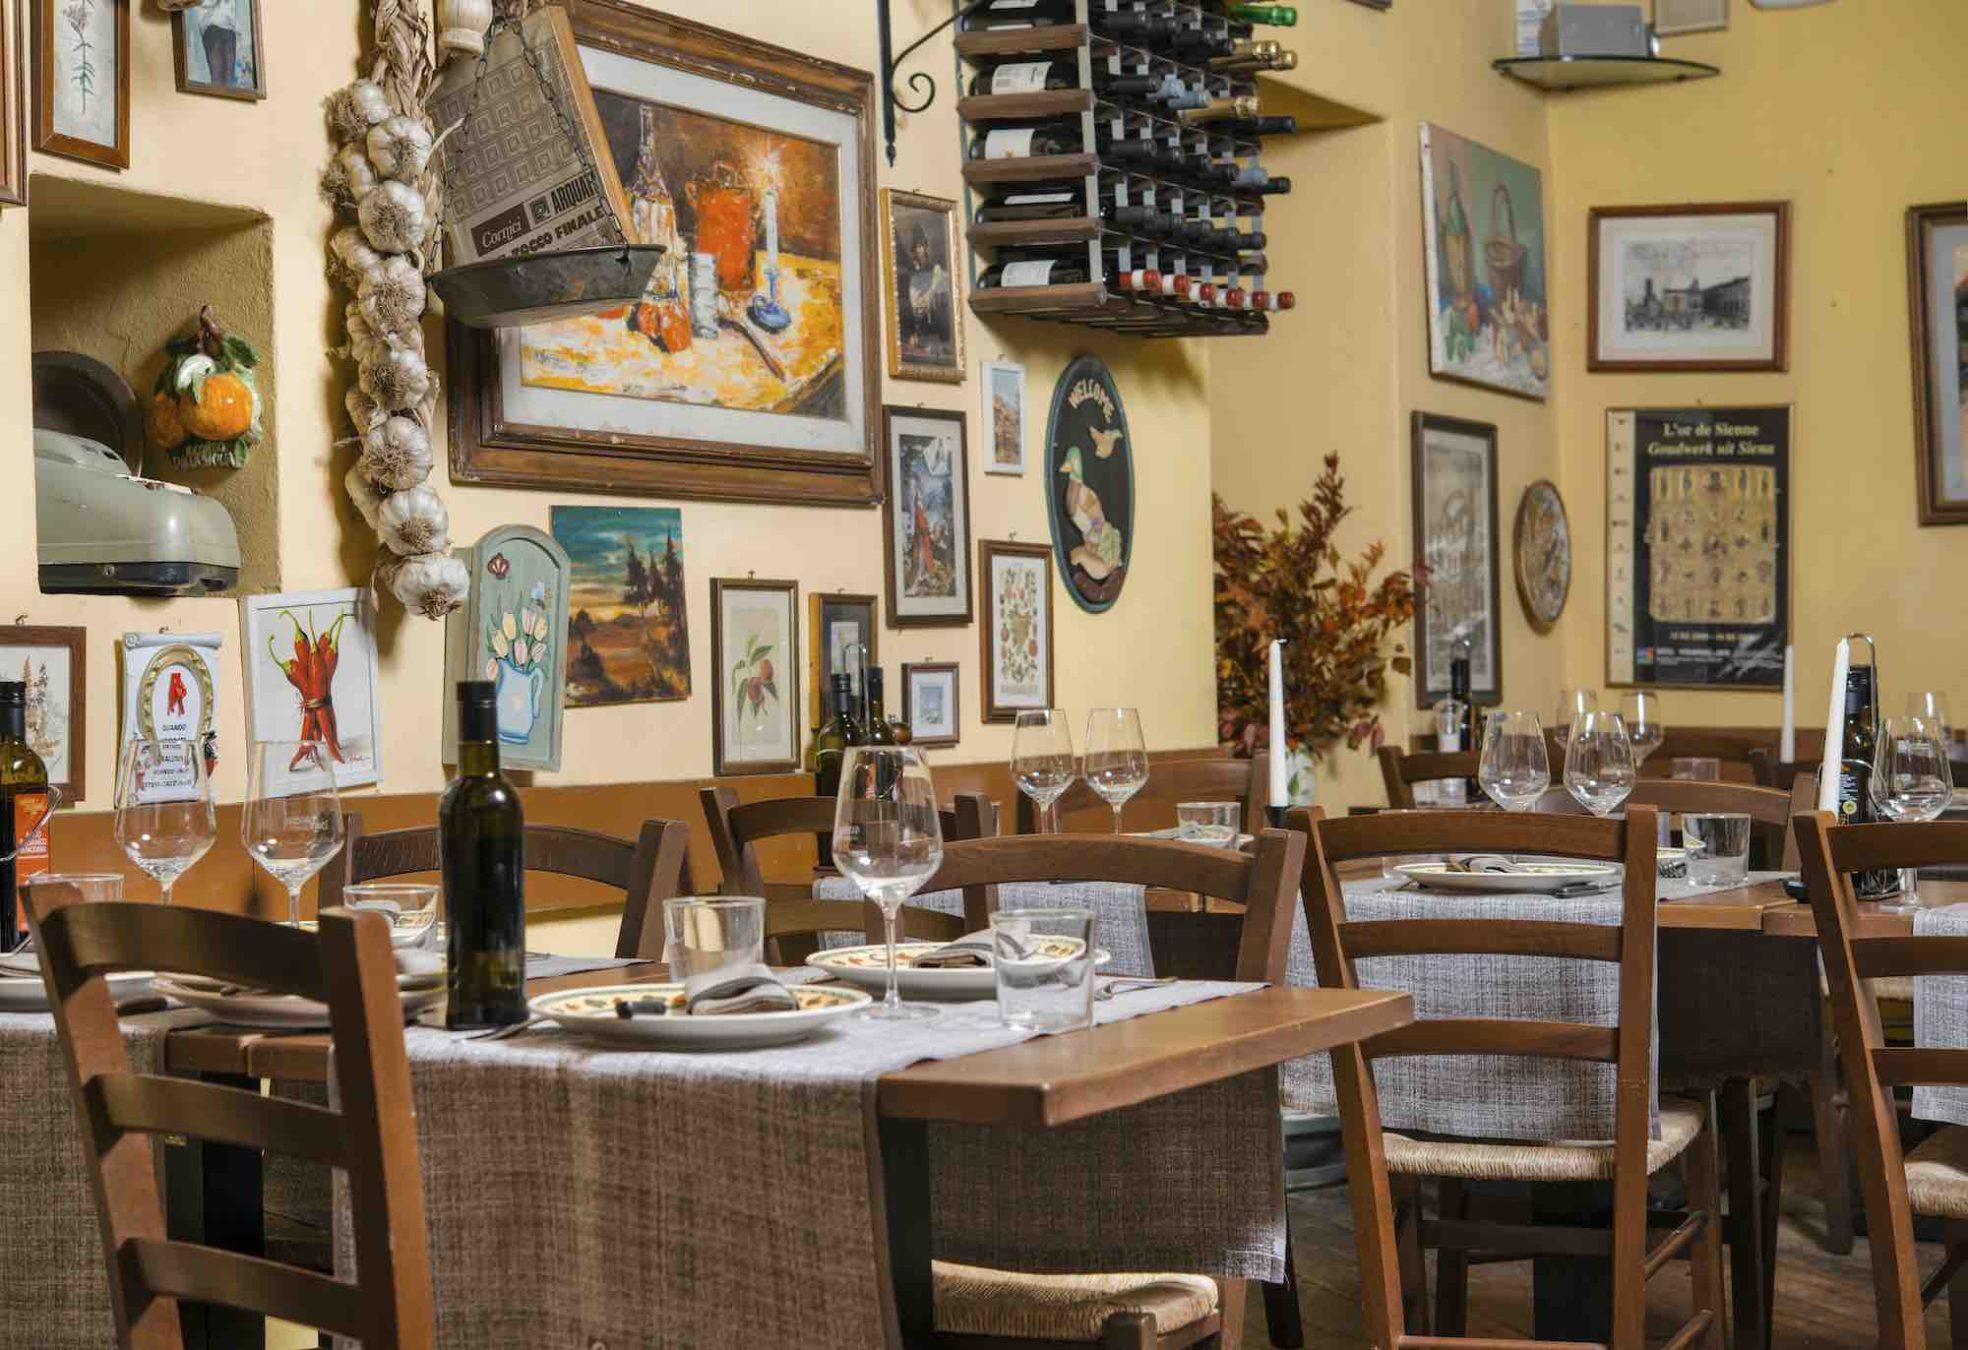 Interno del ristorante Gustavino Piazza Signoria in via della Condotta a Firenze